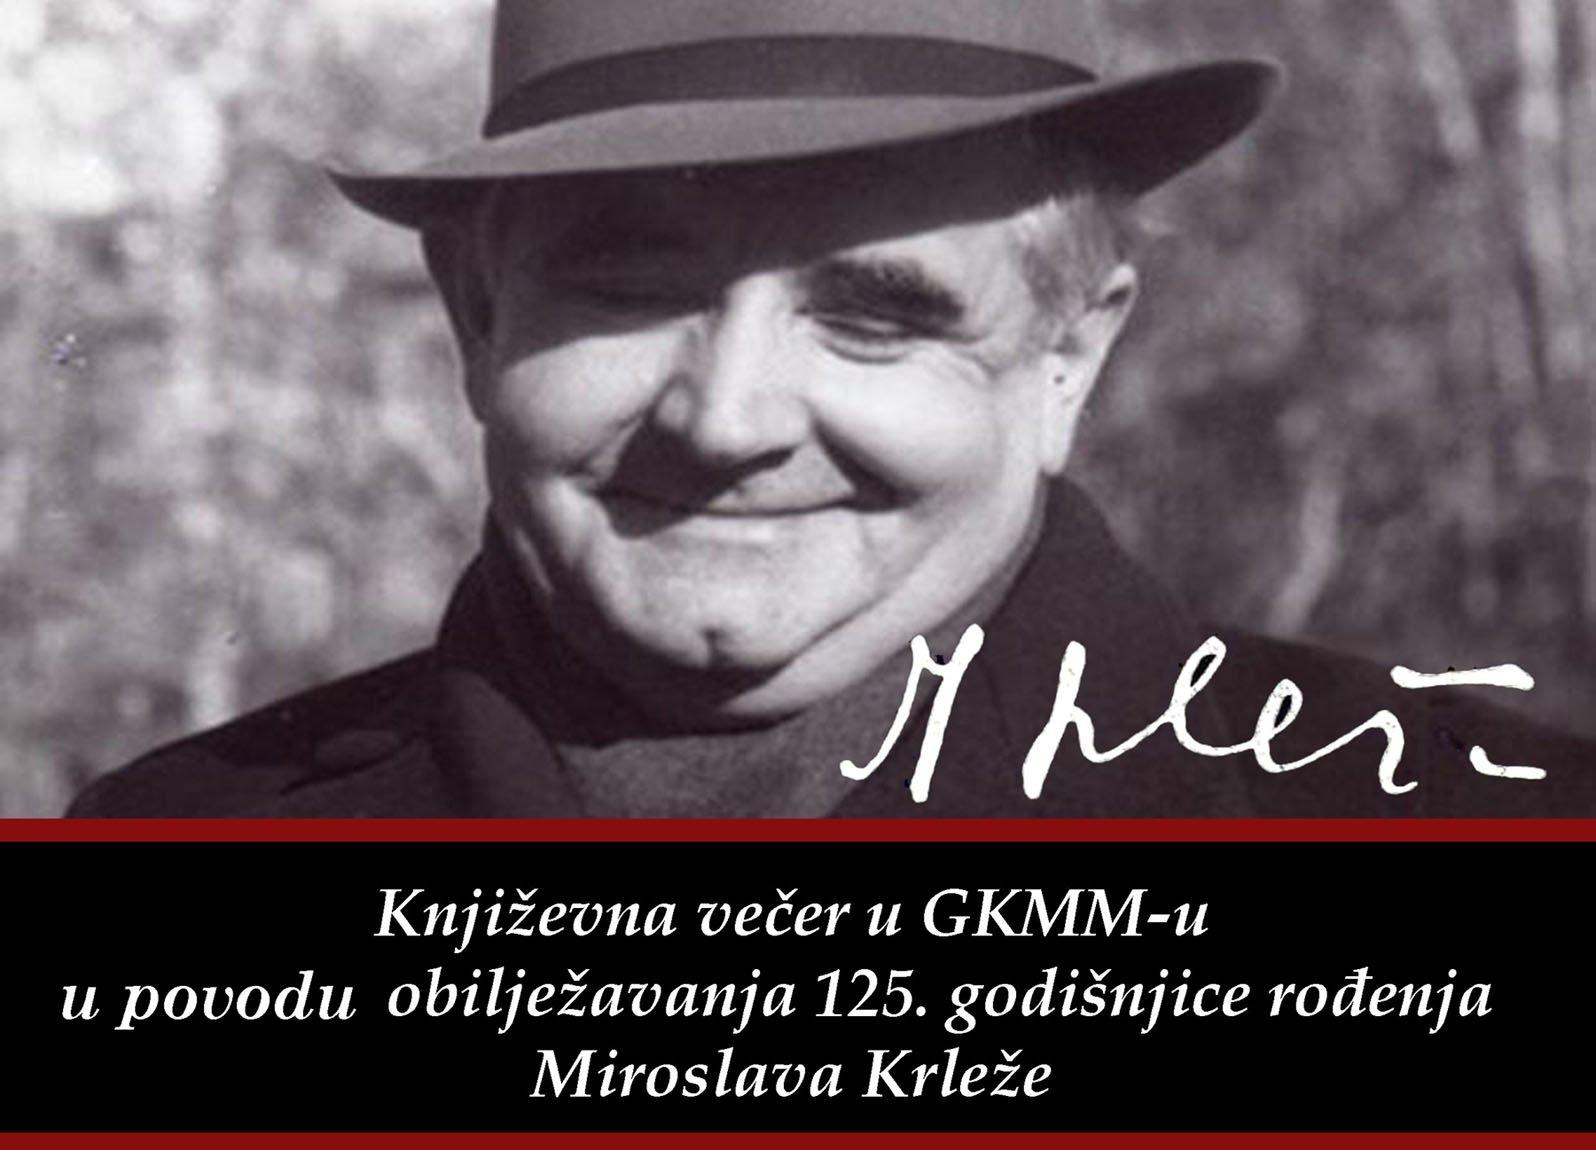 Književna večer prigodom obilježavanja 125. godišnjice rođenja velikog hrvatskog književnika Miroslava Krleže